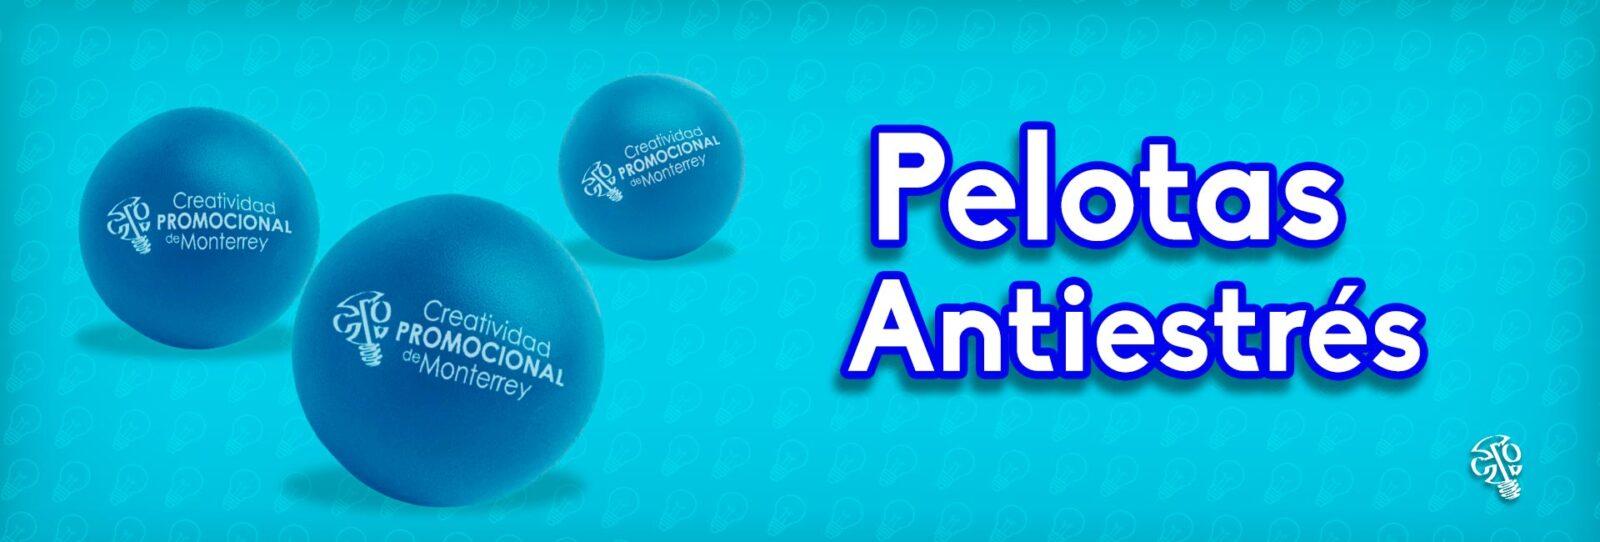 Pelotas_Antiestrés